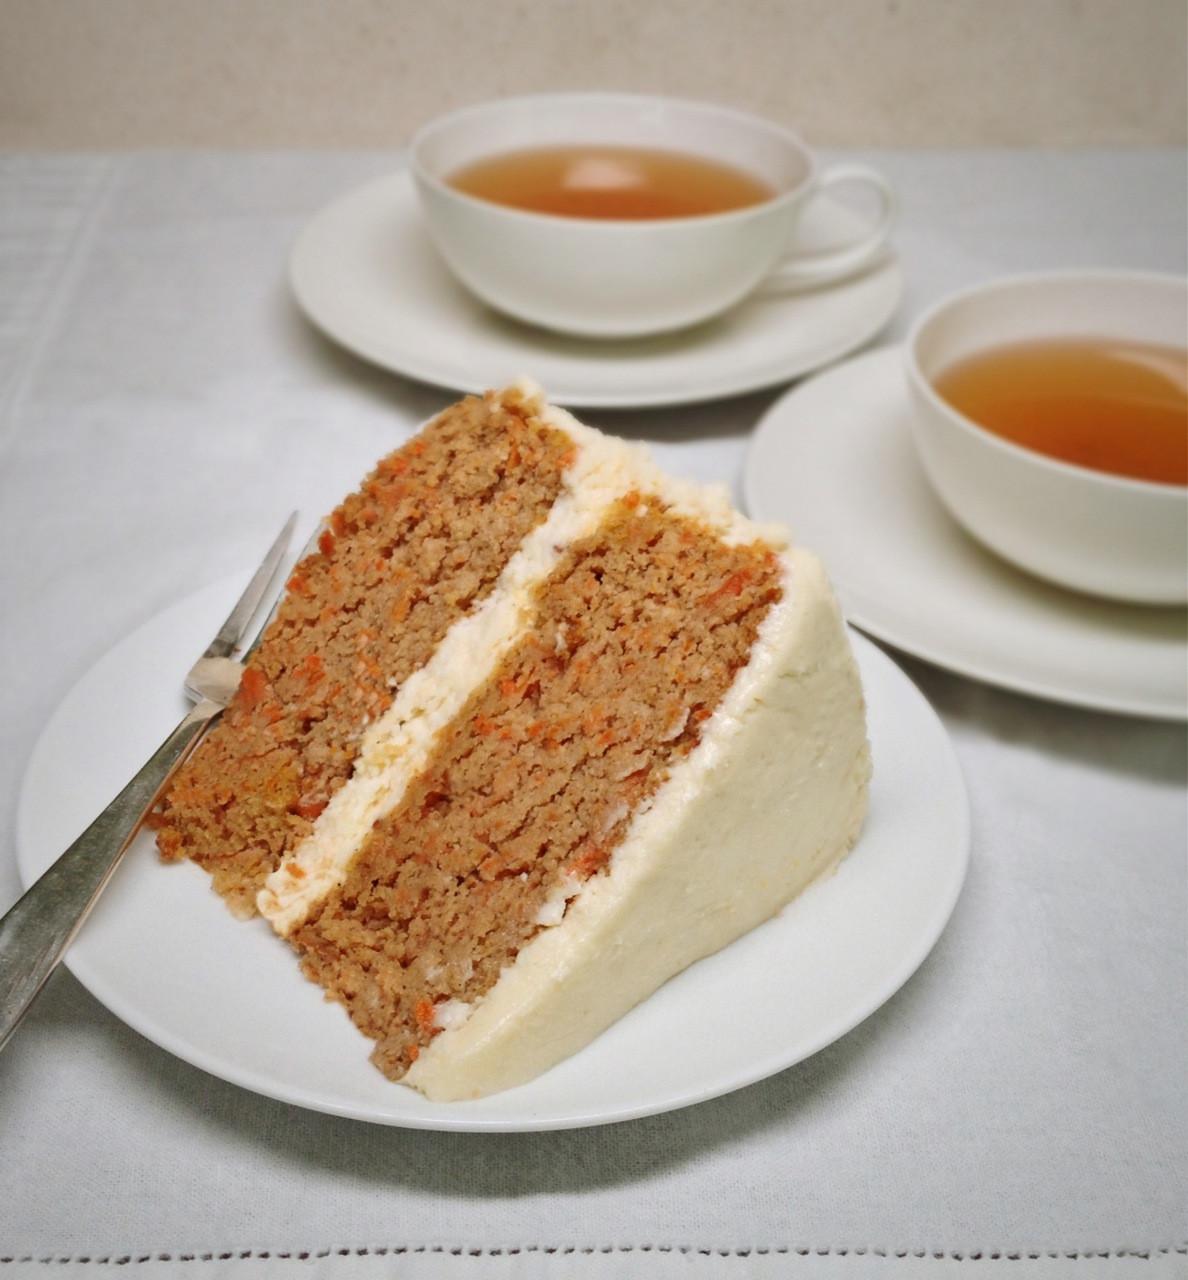 Low Carb Sugar Free Desserts  Carrot Cake Gluten Free Low Carb Sugar Free Preheat